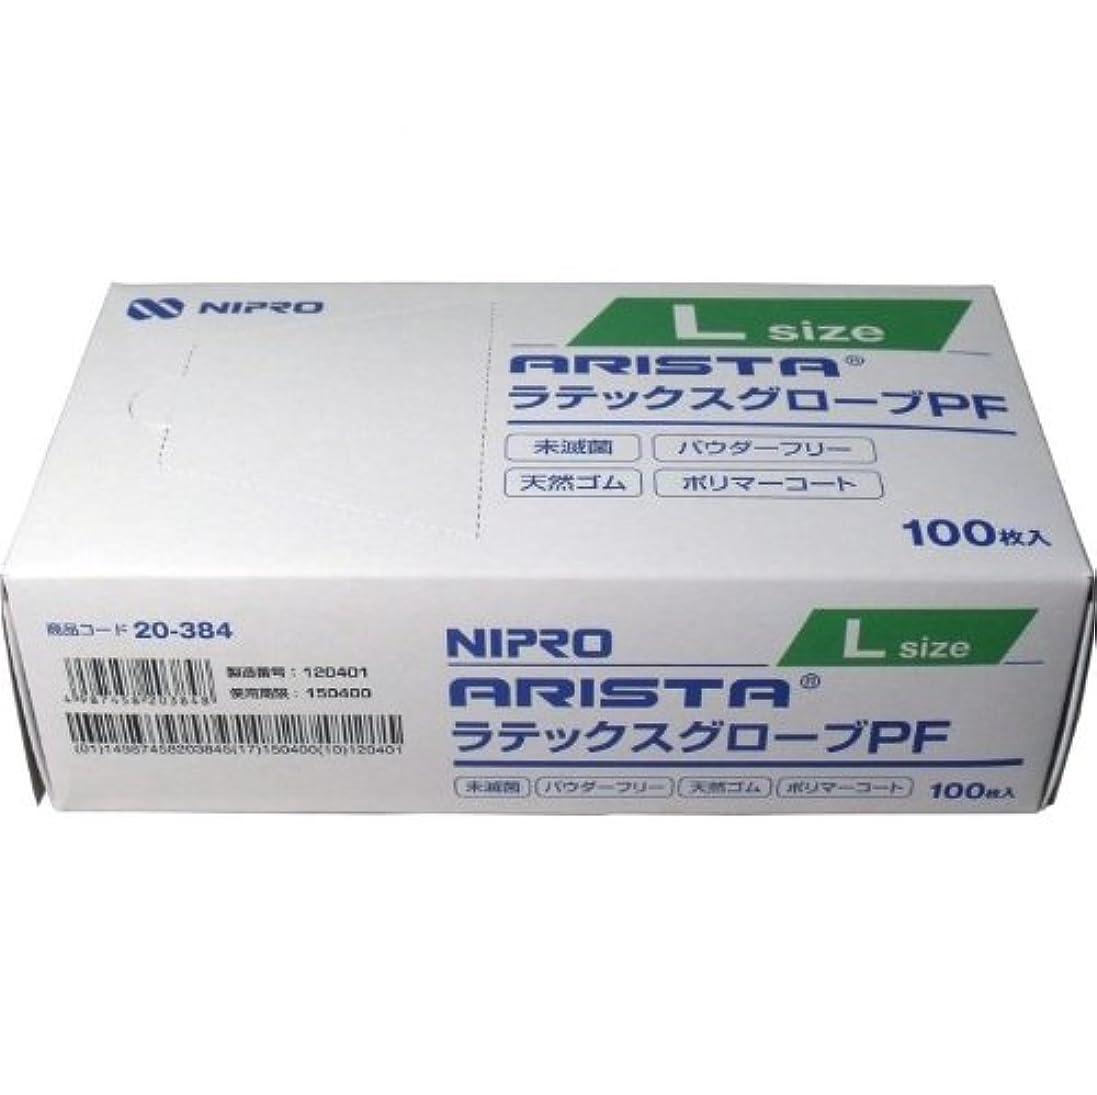 アレルギー嵐のパターンニプロ ラテックスグローブ(天然ゴム手袋) パウダーフリー Lサイズ 100枚入<<4点セット>>